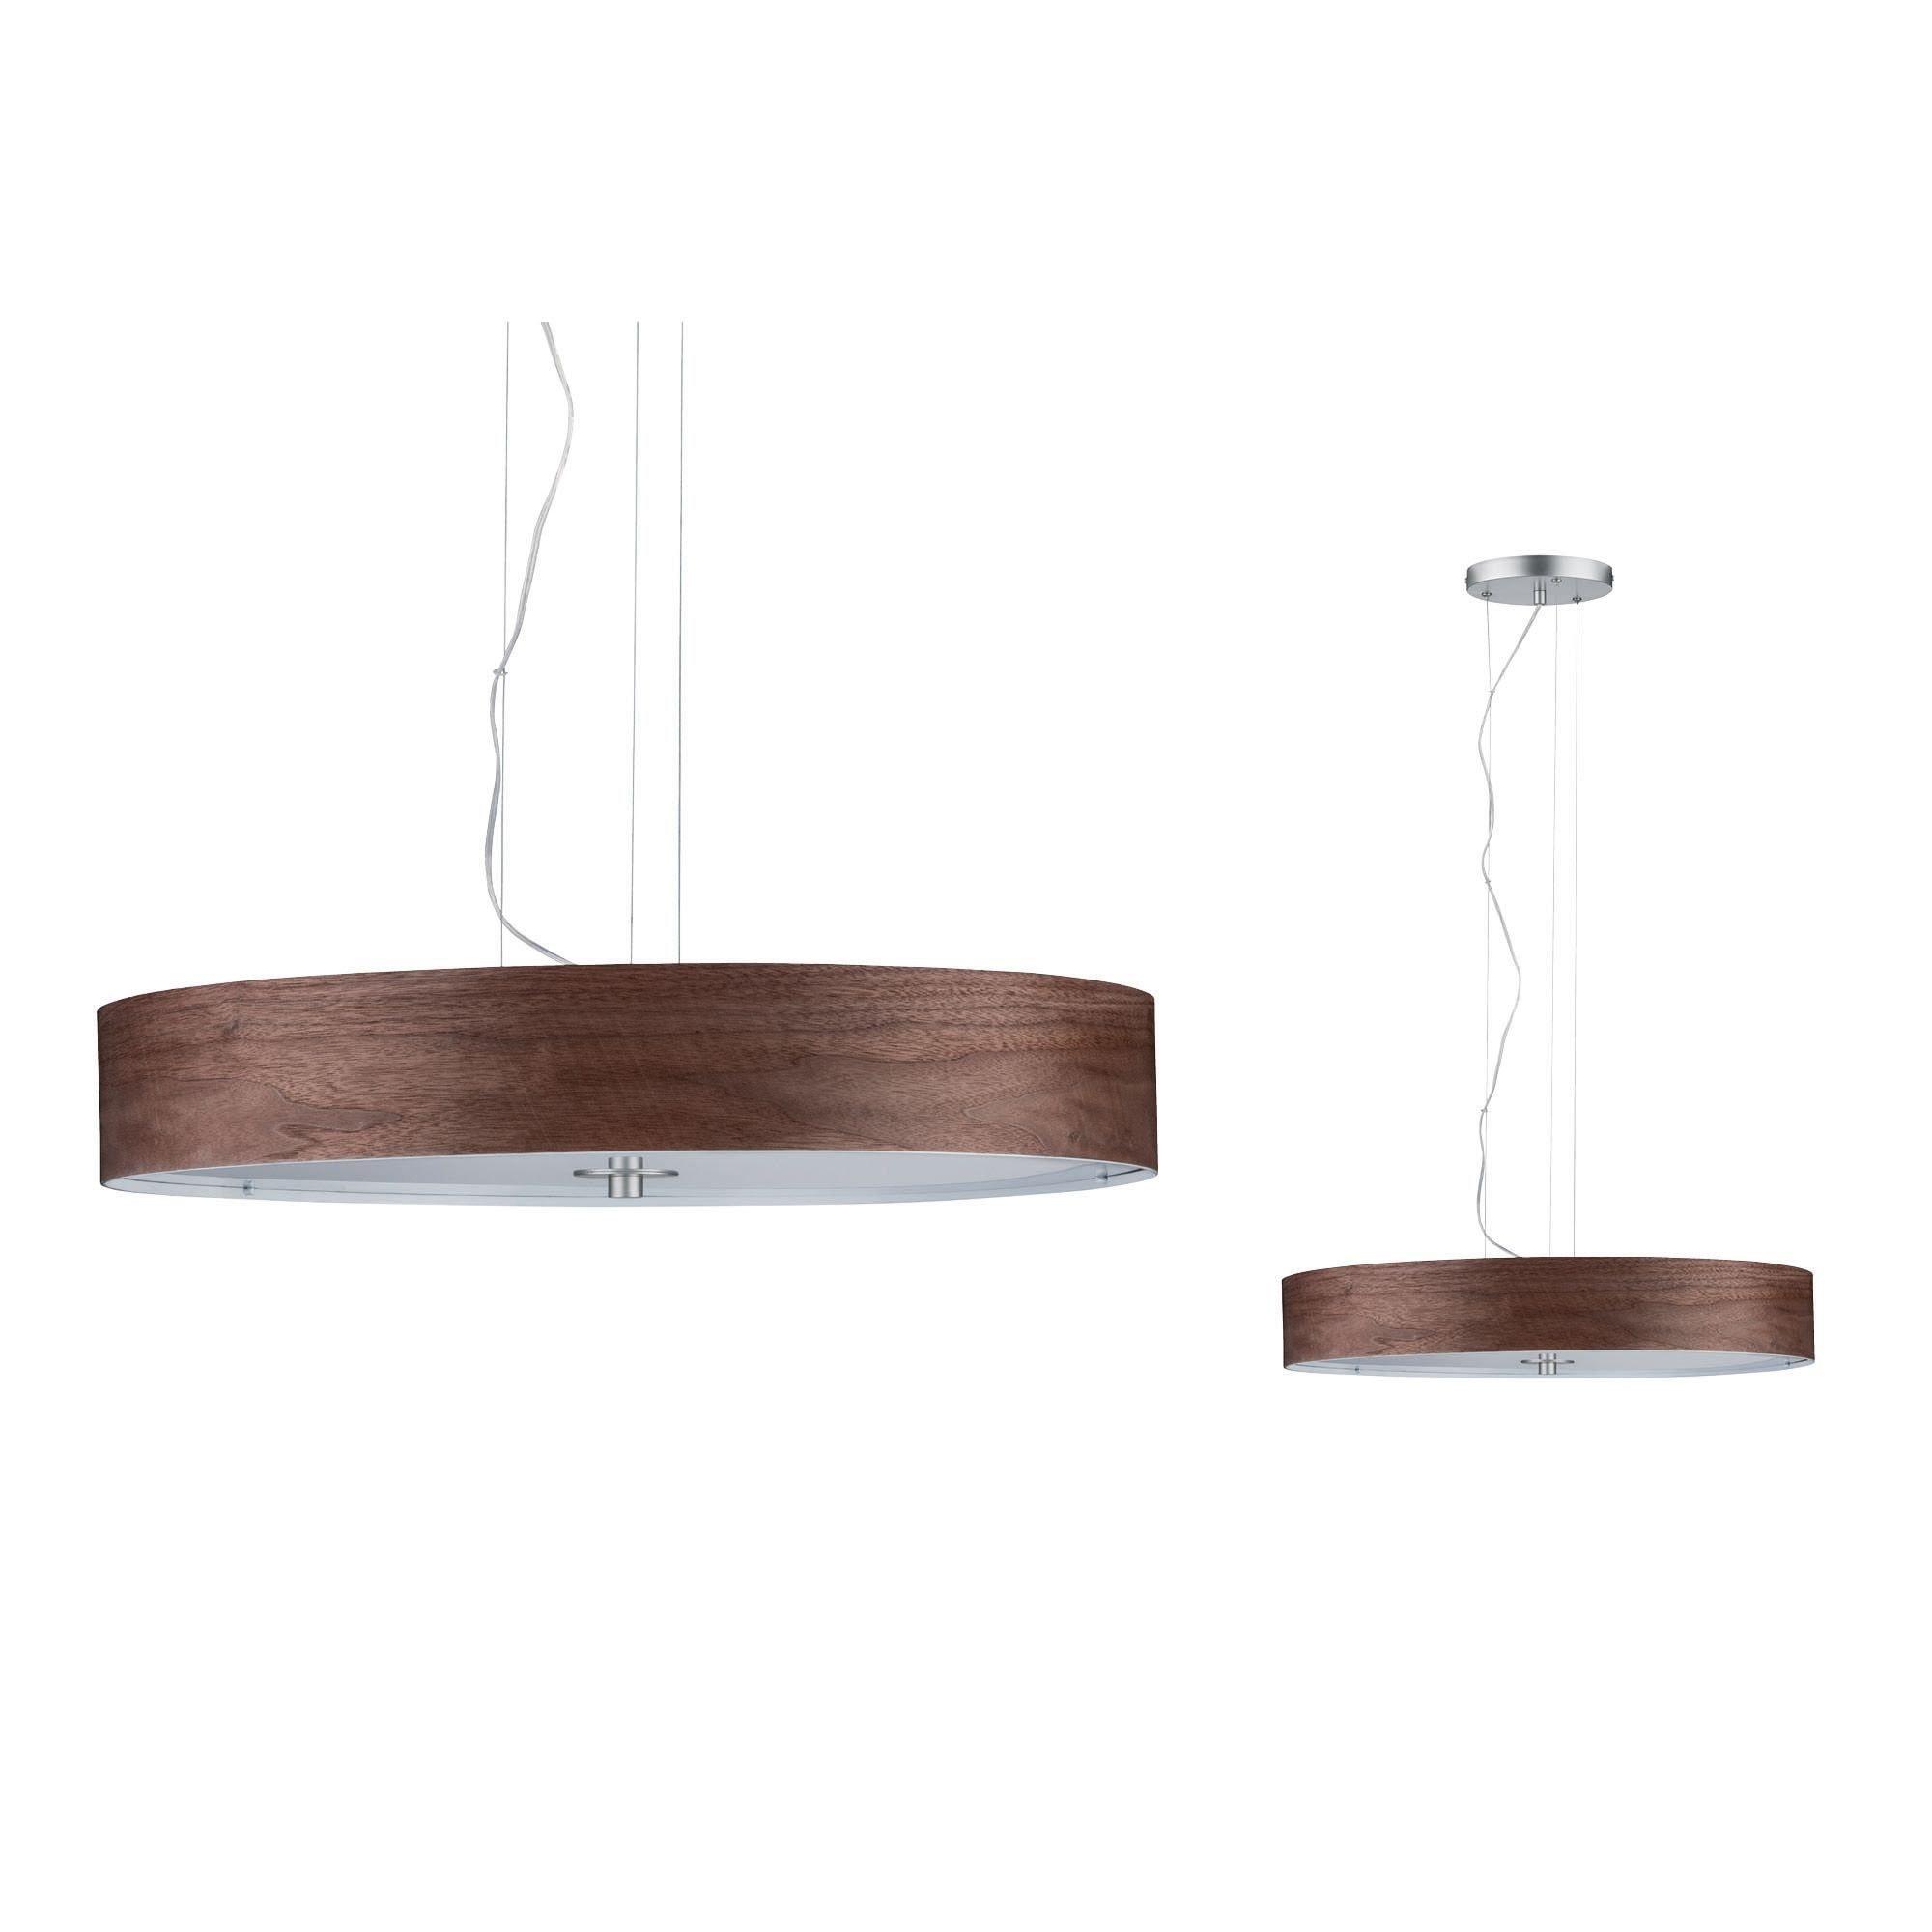 Paulmann,LED Pendelleuchte Neordic Liska Holz dunkel/Chrom matt